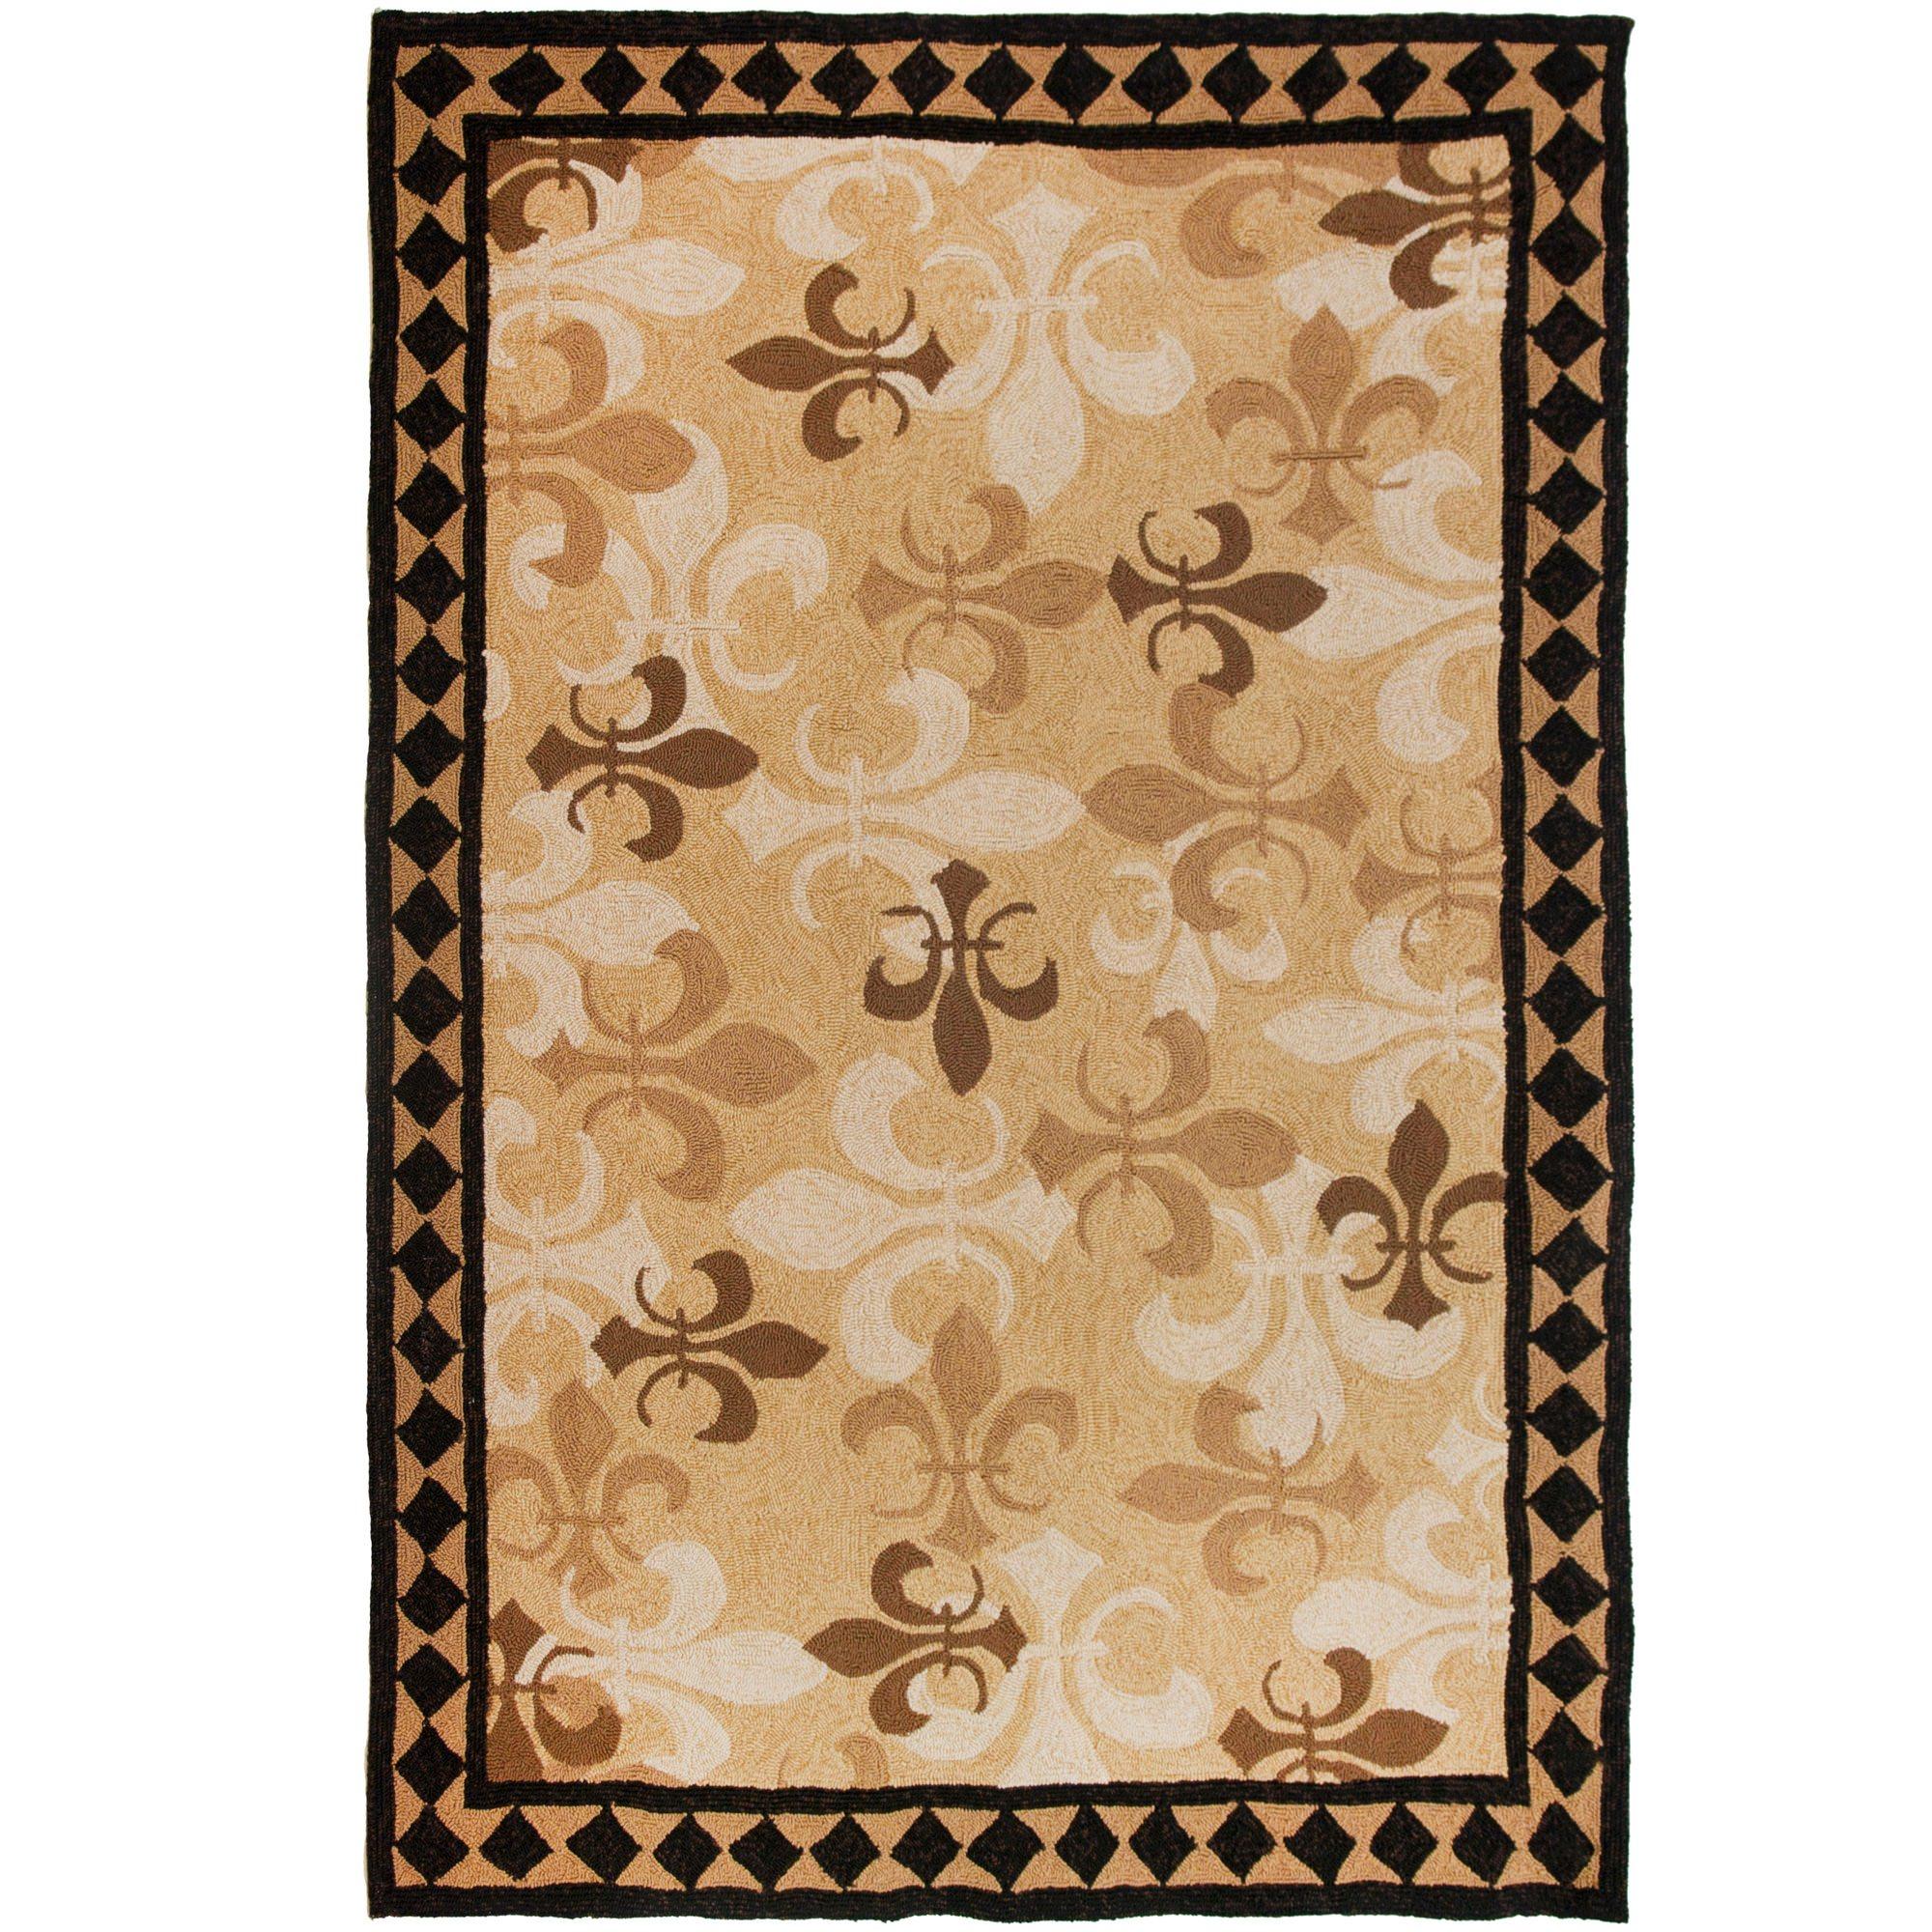 Fleur de lis kitchen rugs photo - 1